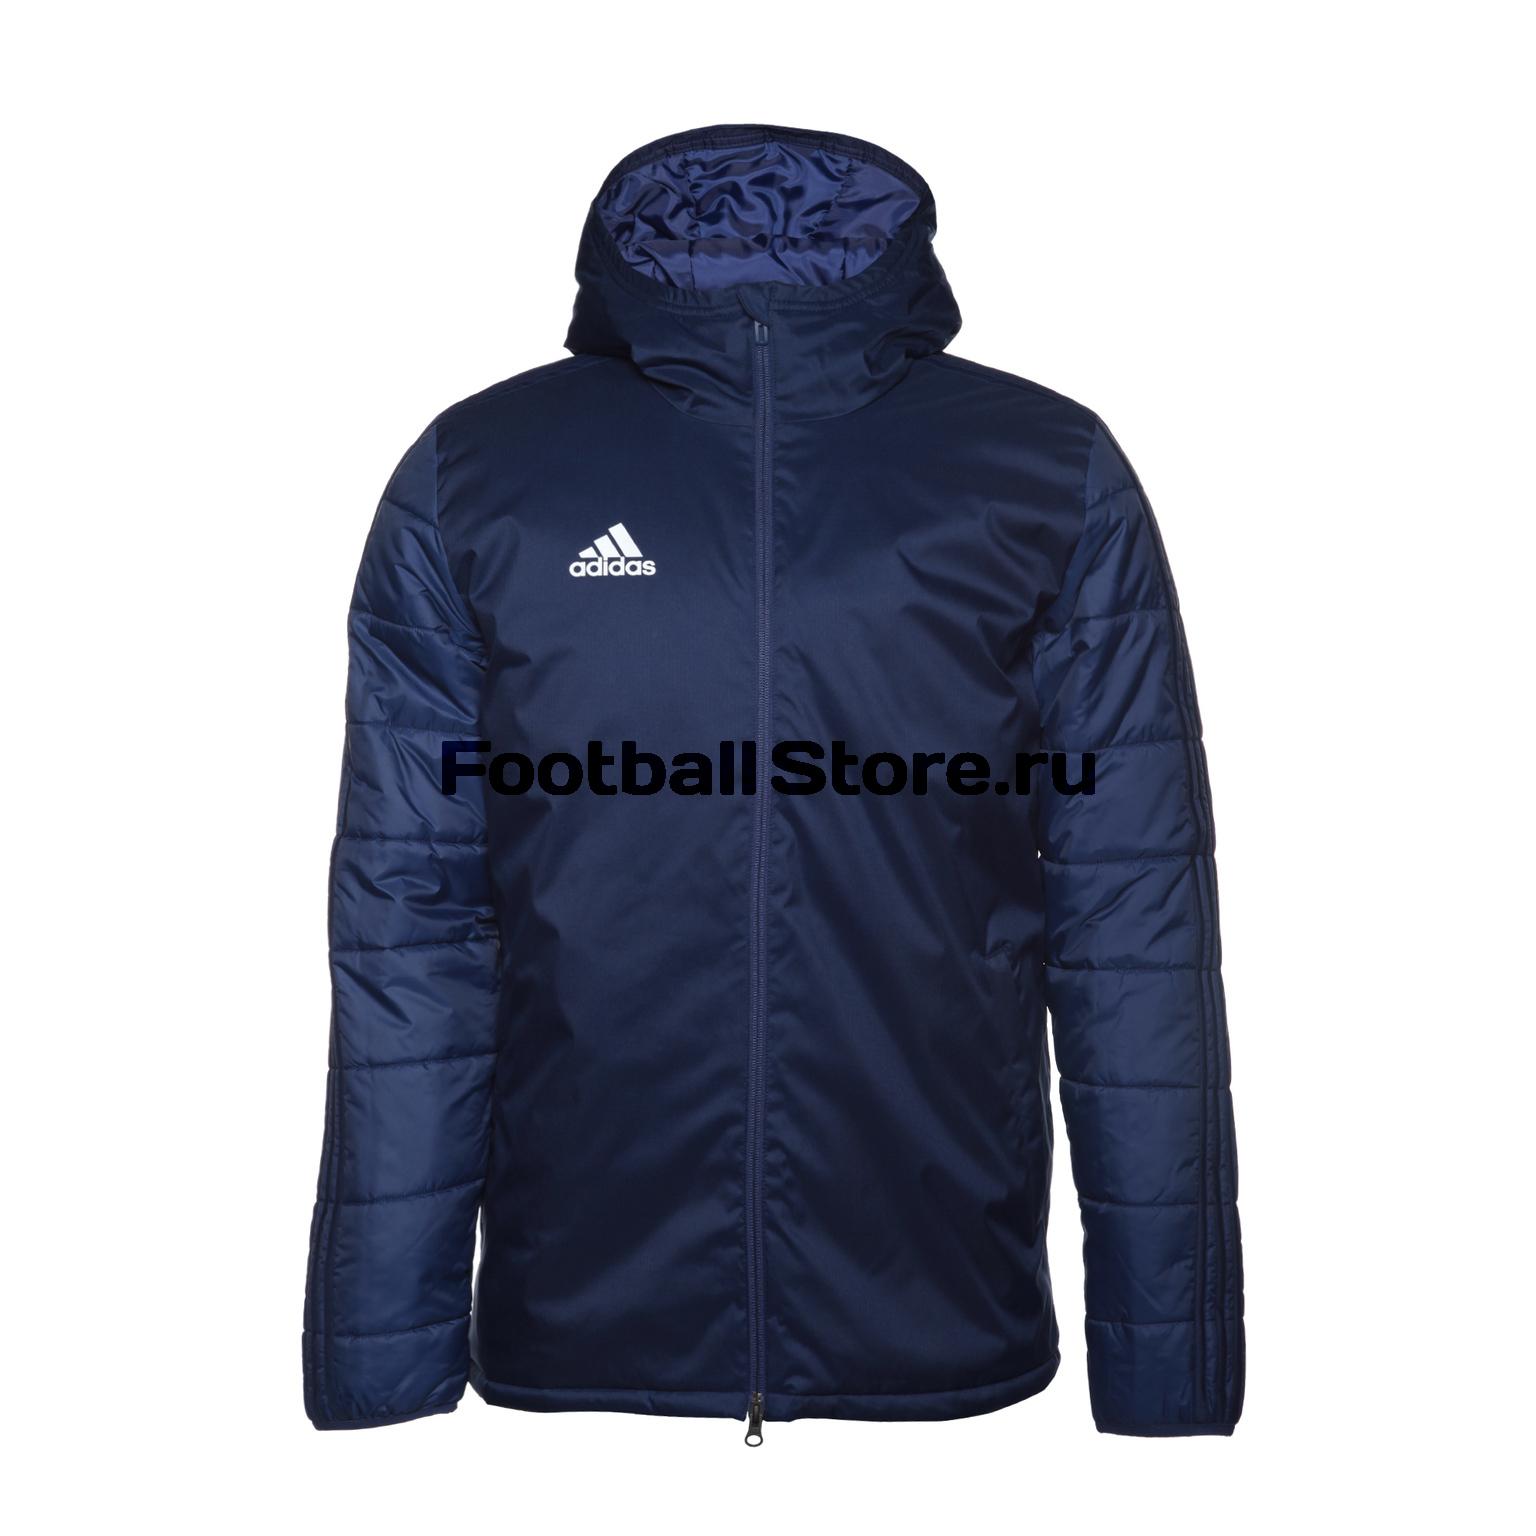 Куртка утепленная Adidas JKT18 Winter CV8271 куртки пуховики adidas куртка утепленная adidas jkt18 std parka bq6594